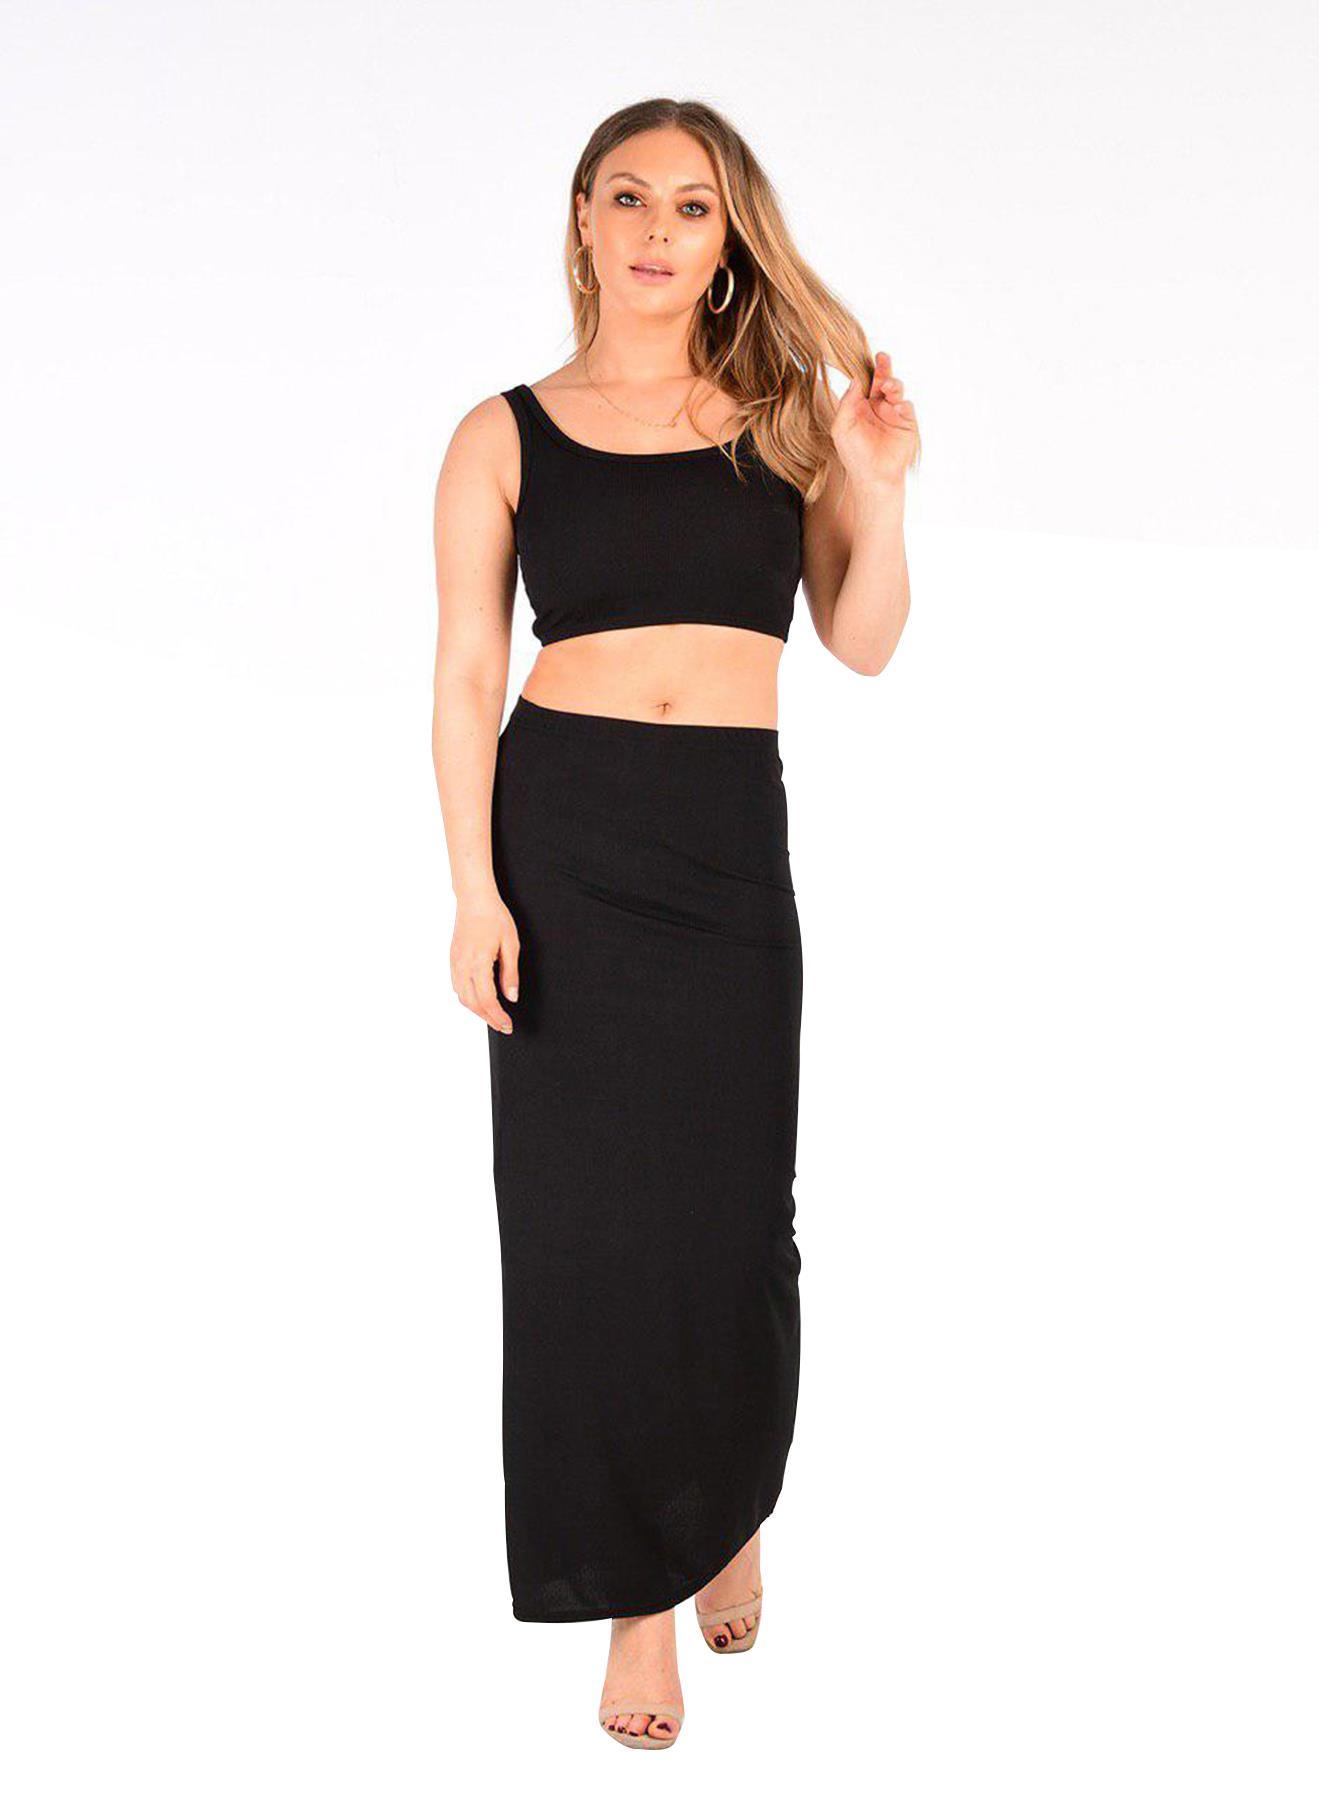 Femme Nouveau côtelé sans manches Crop Top jupe longue ensemble deux pièces UK 8-14